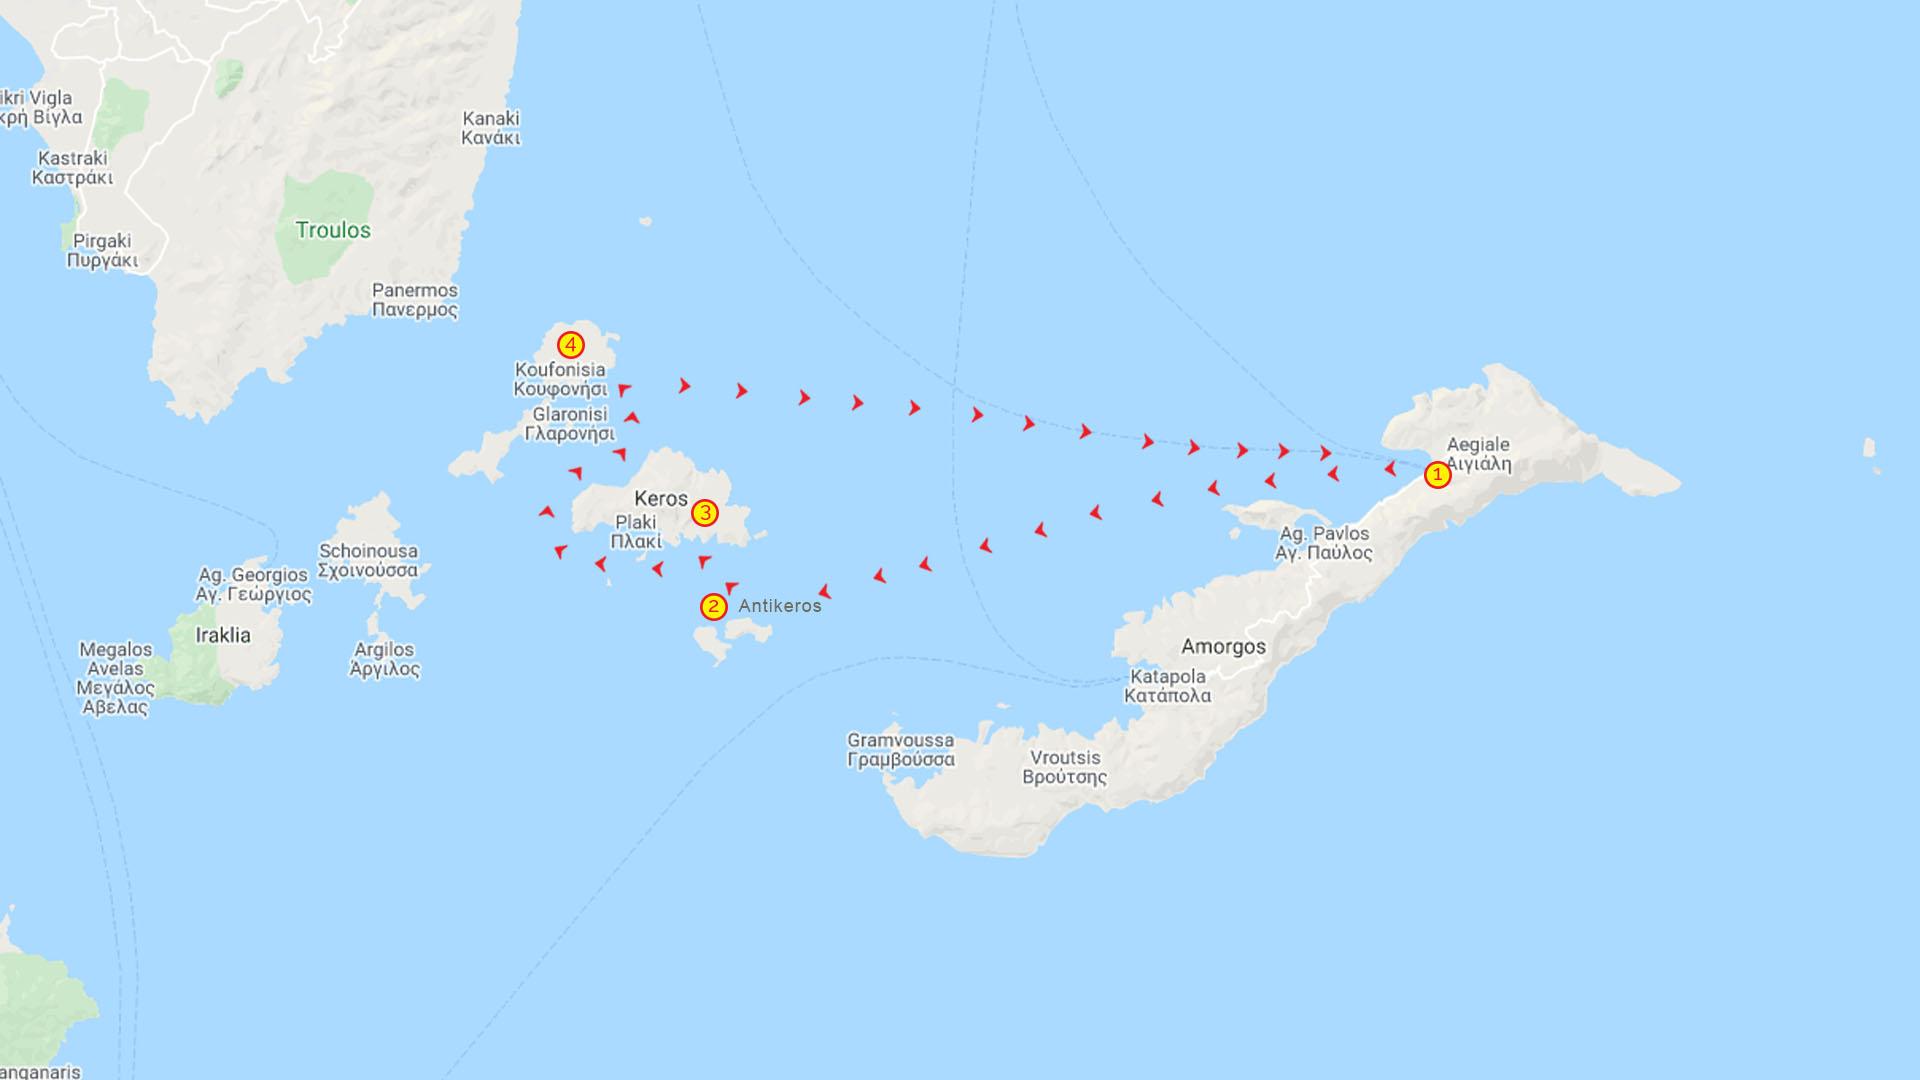 Day Cruise Antikeros Keros & Koufonissi Map